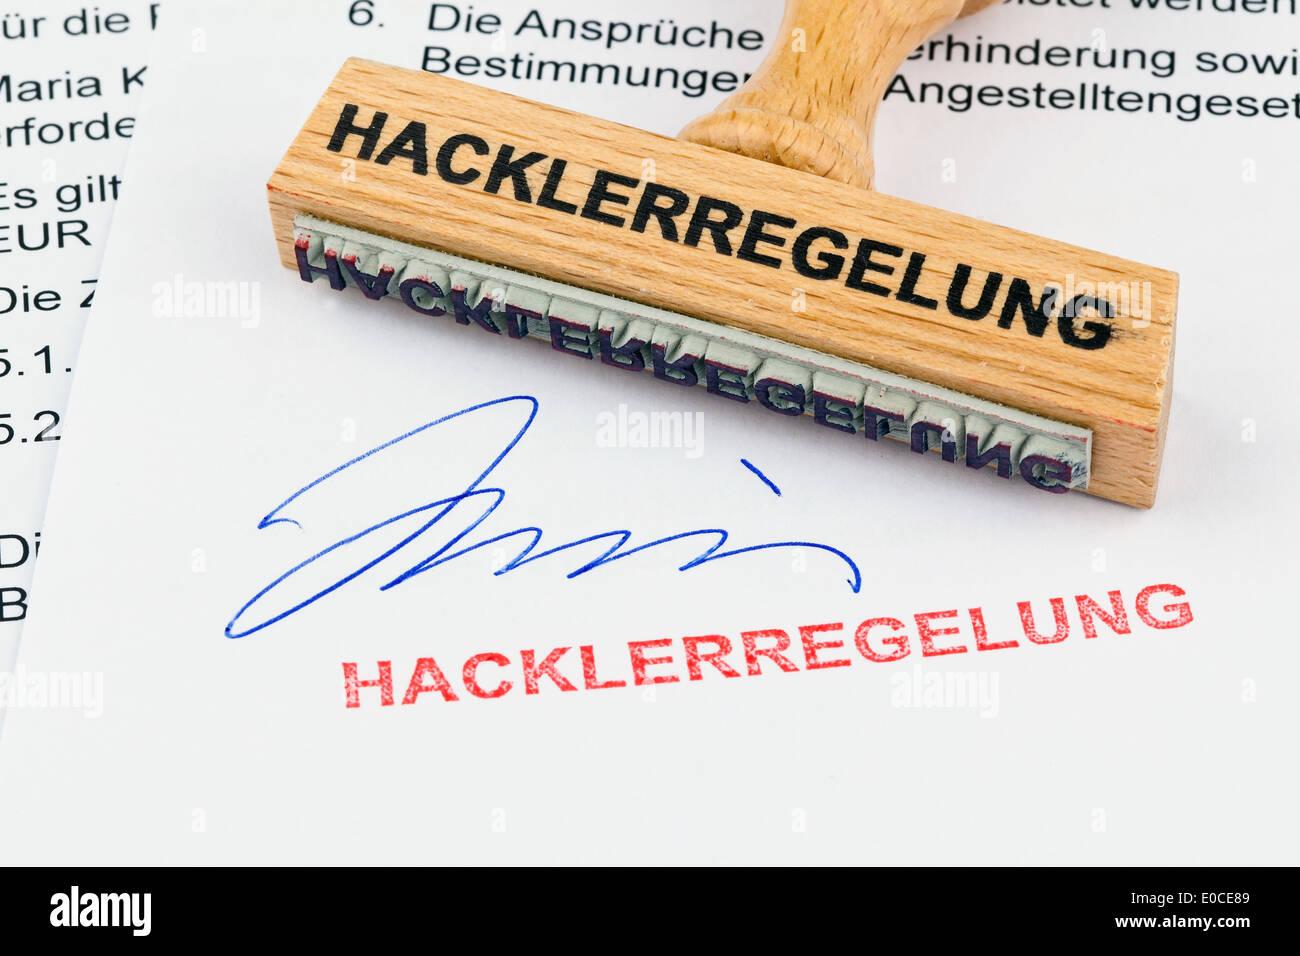 A stamp of wood lies on a document. Label Hacklerregelung, Ein Stempel aus Holz liegt auf einem Dokument. Aufschrift Hacklerrege Stock Photo